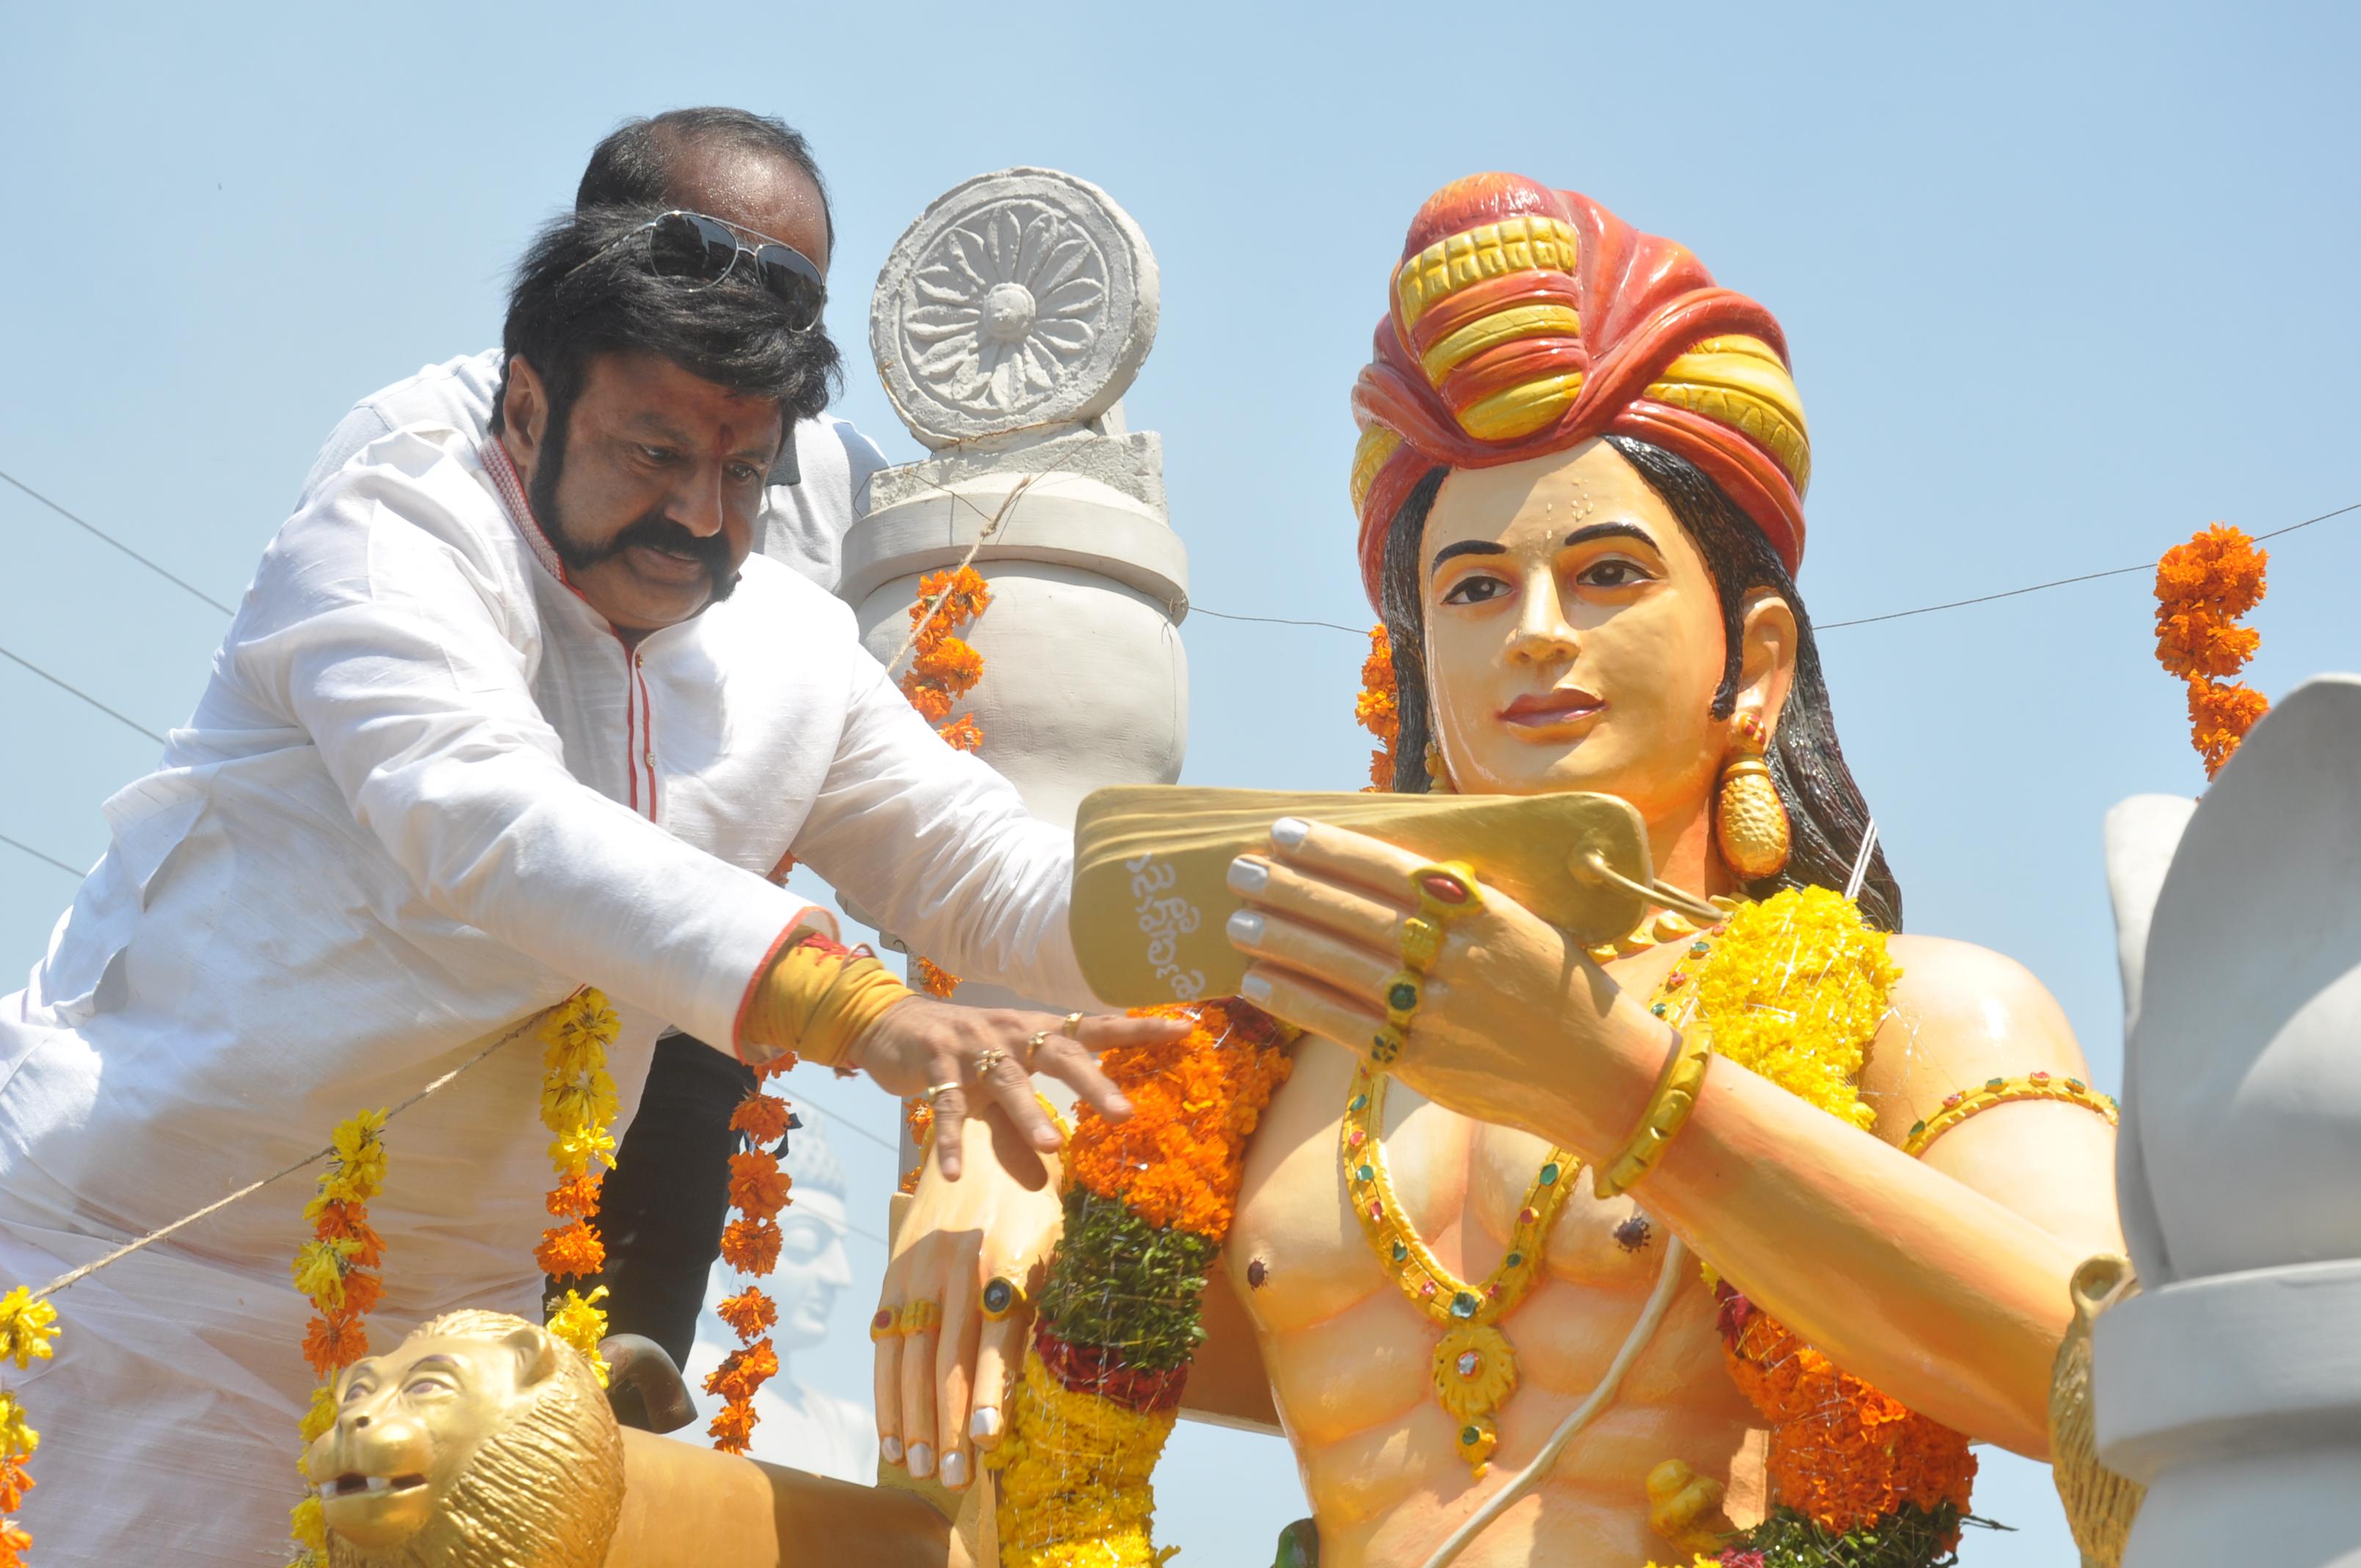 В горах Гудаури проходят съемки индийской исторической драмы